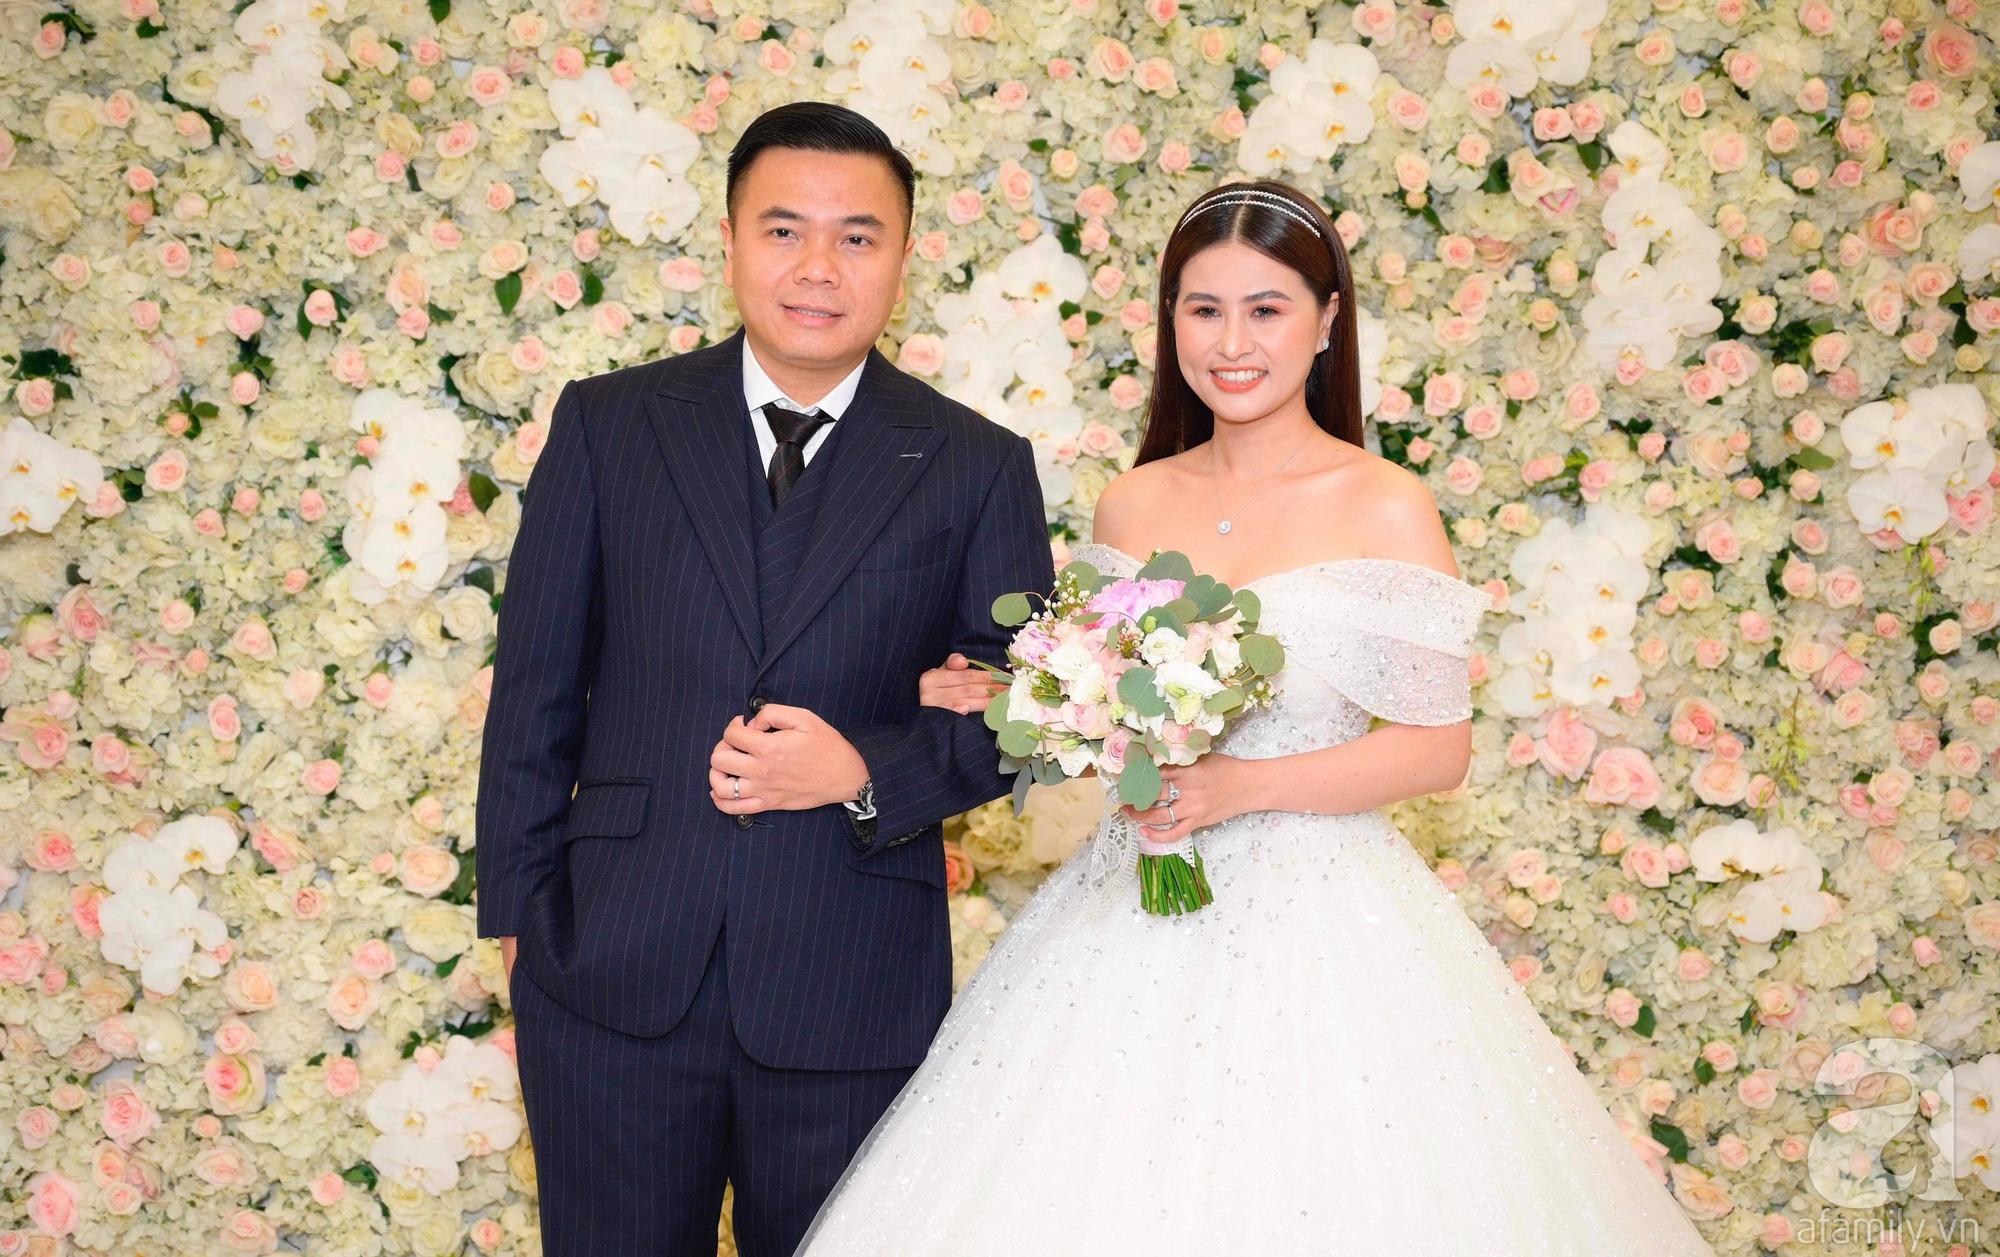 Trấn Thành - Hari Won, Ninh Dương Lan Ngọc cùng loạt sao Việt đến sự đám cưới đạo diễn Cua lại vợ bầu - Ảnh 1.